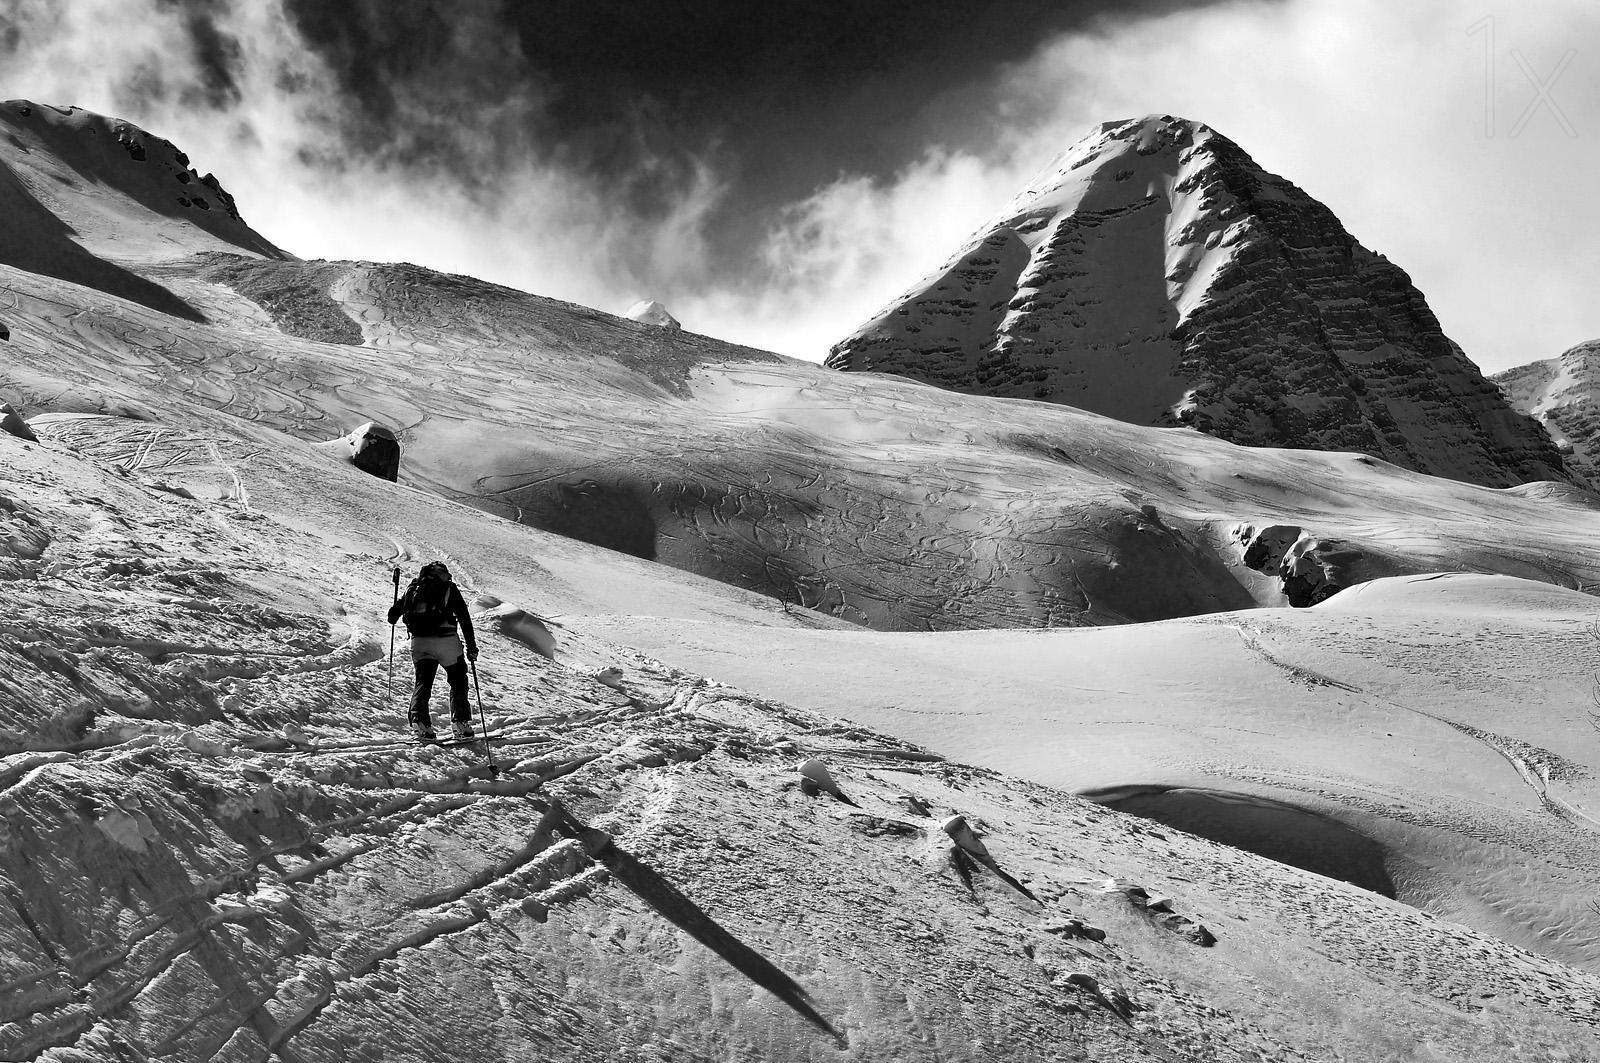 1X - Towards the summit by Andrea Gasparotto